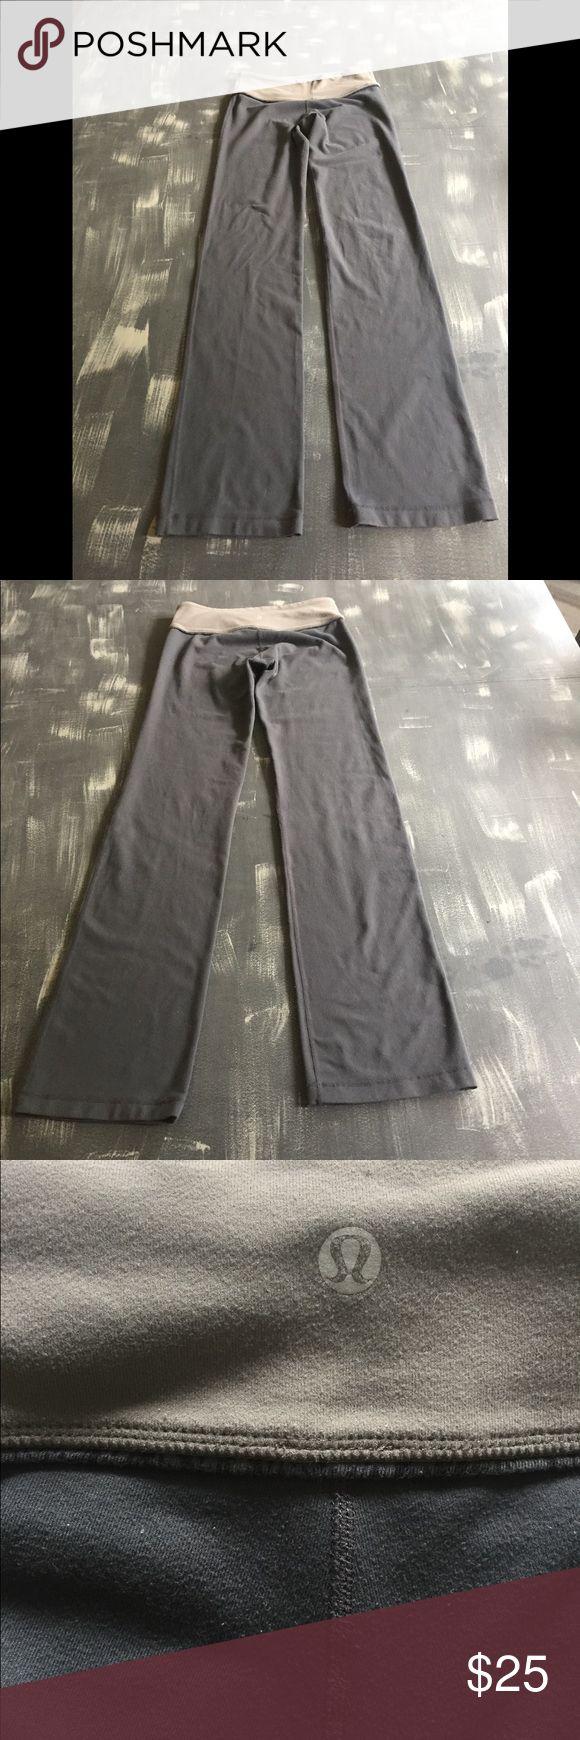 Woman workout pants Lululemon authentic workout pants size 4 lululemon athletica Pants Leggings